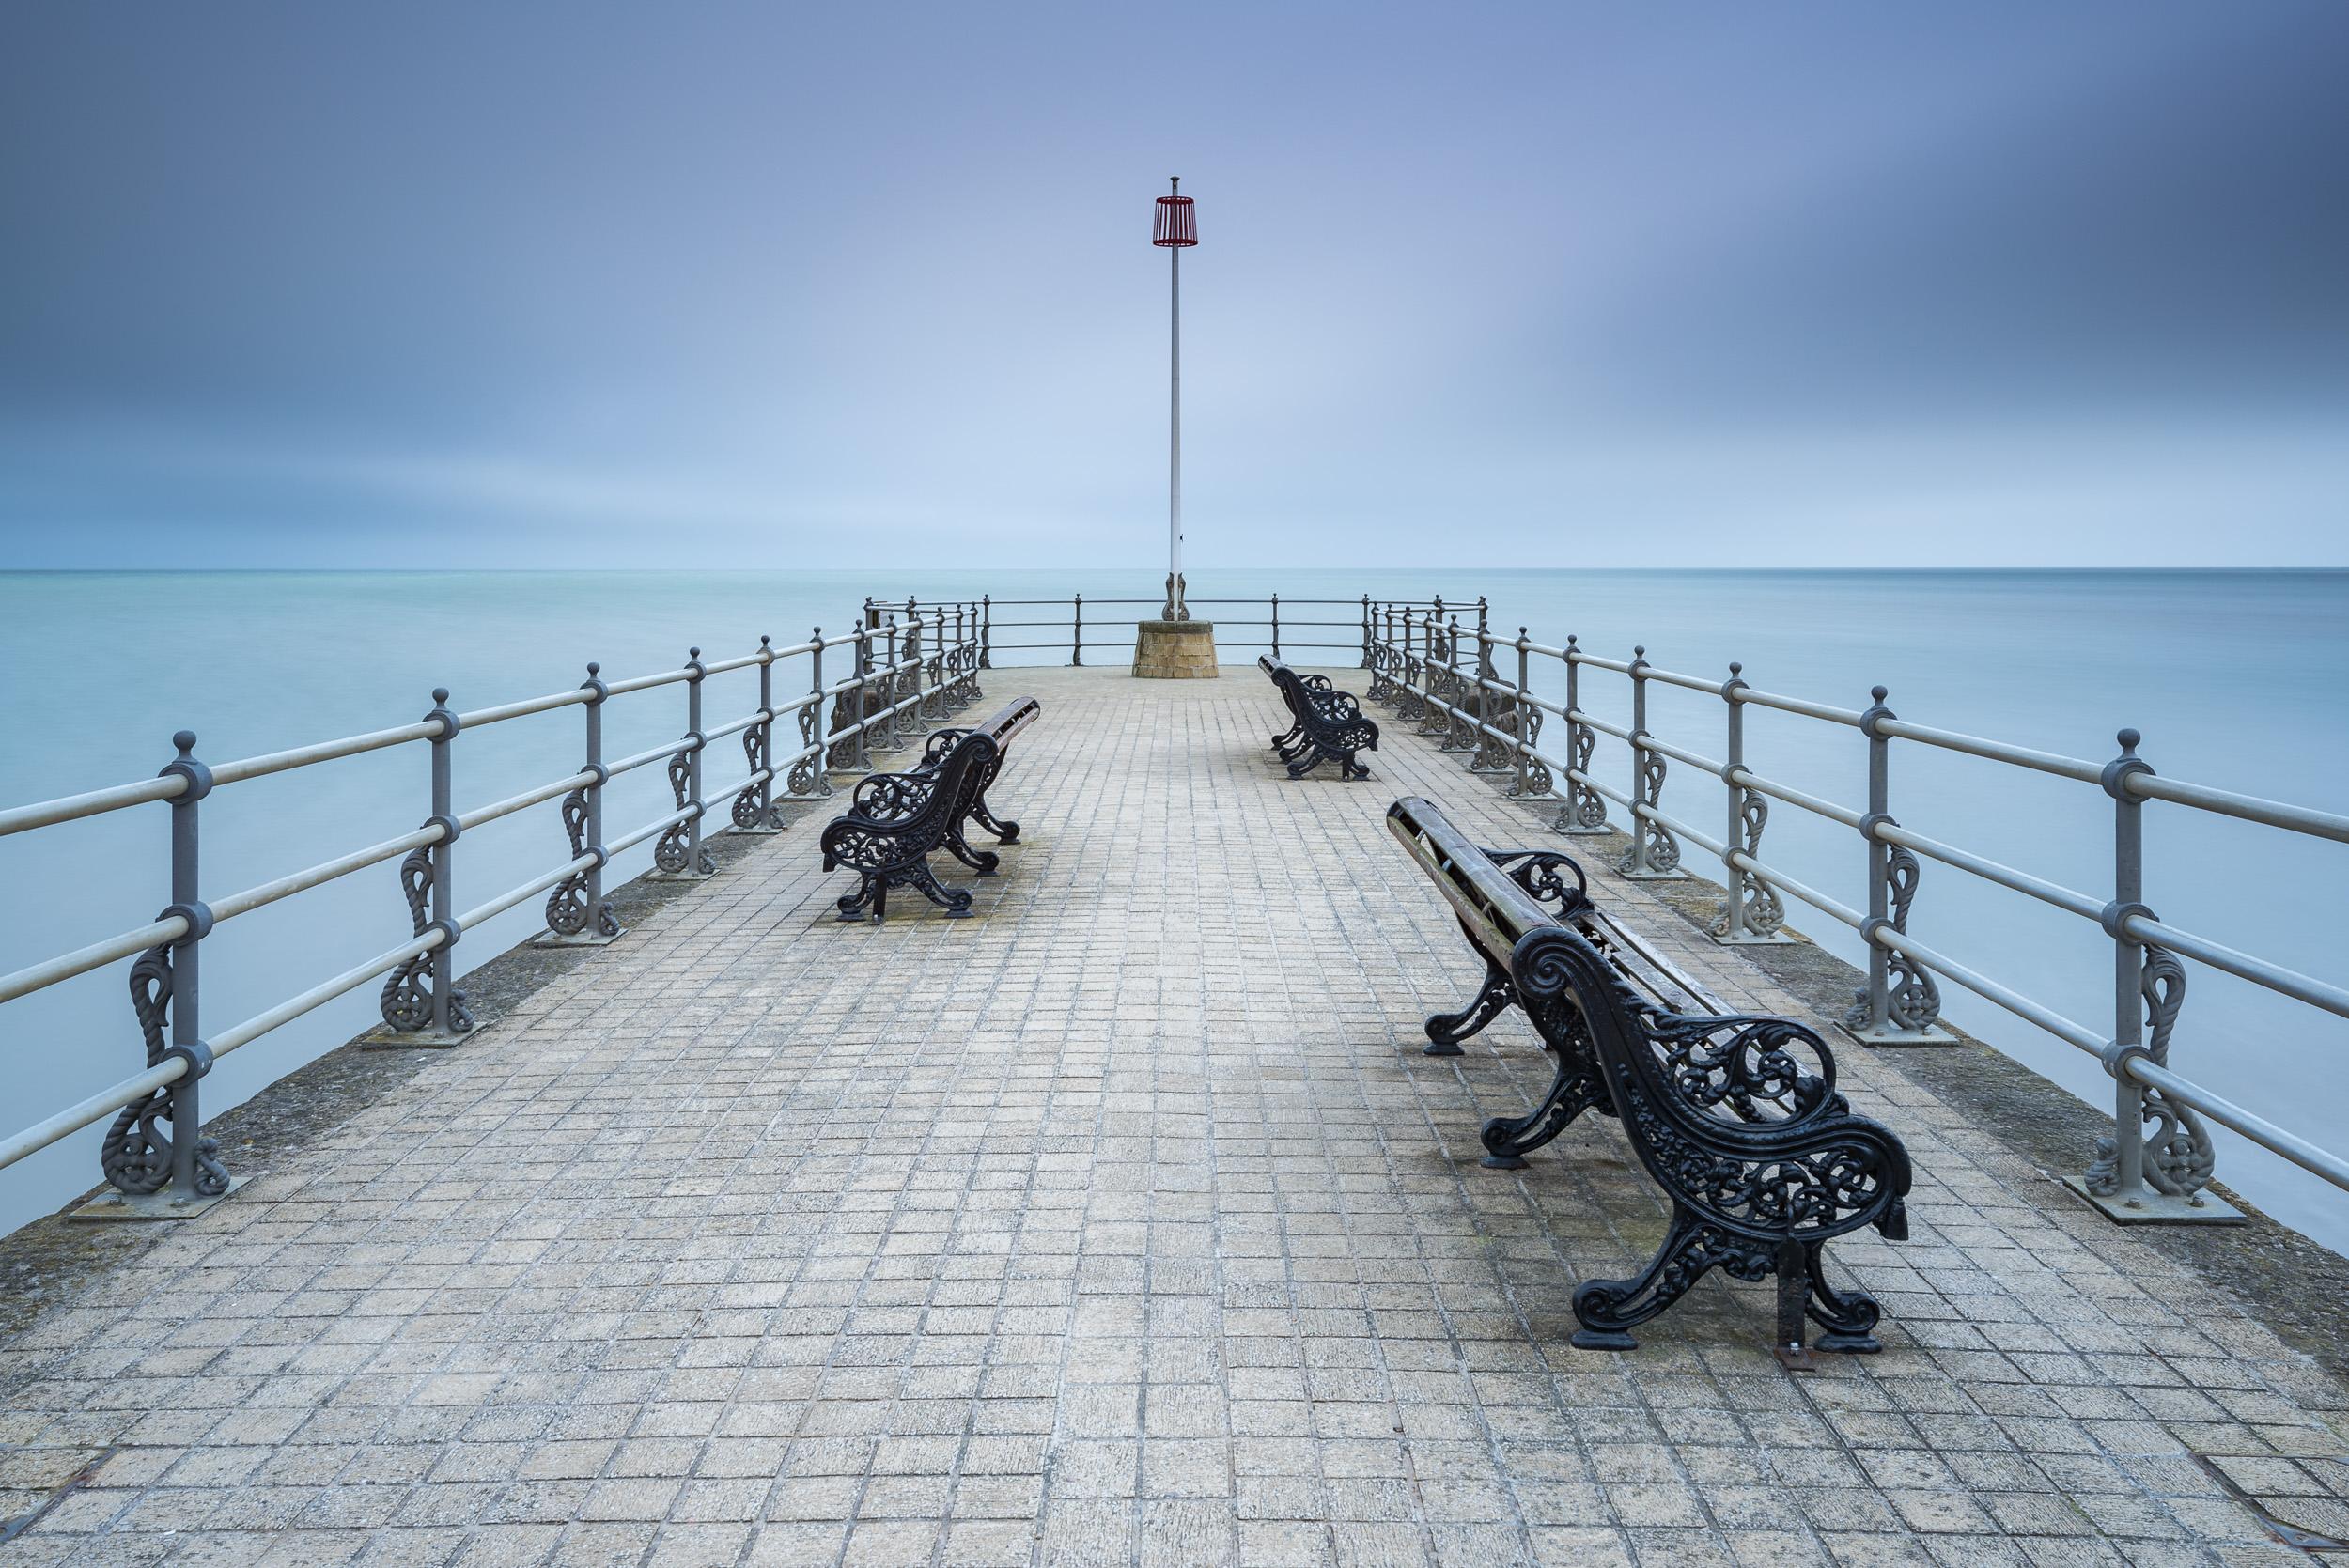 Banjo Pier, Swanage. Nikon D750, Nikkor 16-35mm f/4 at 28mm, f/11, 30 secs, ISO 100, Lee Filters Big Stopper.